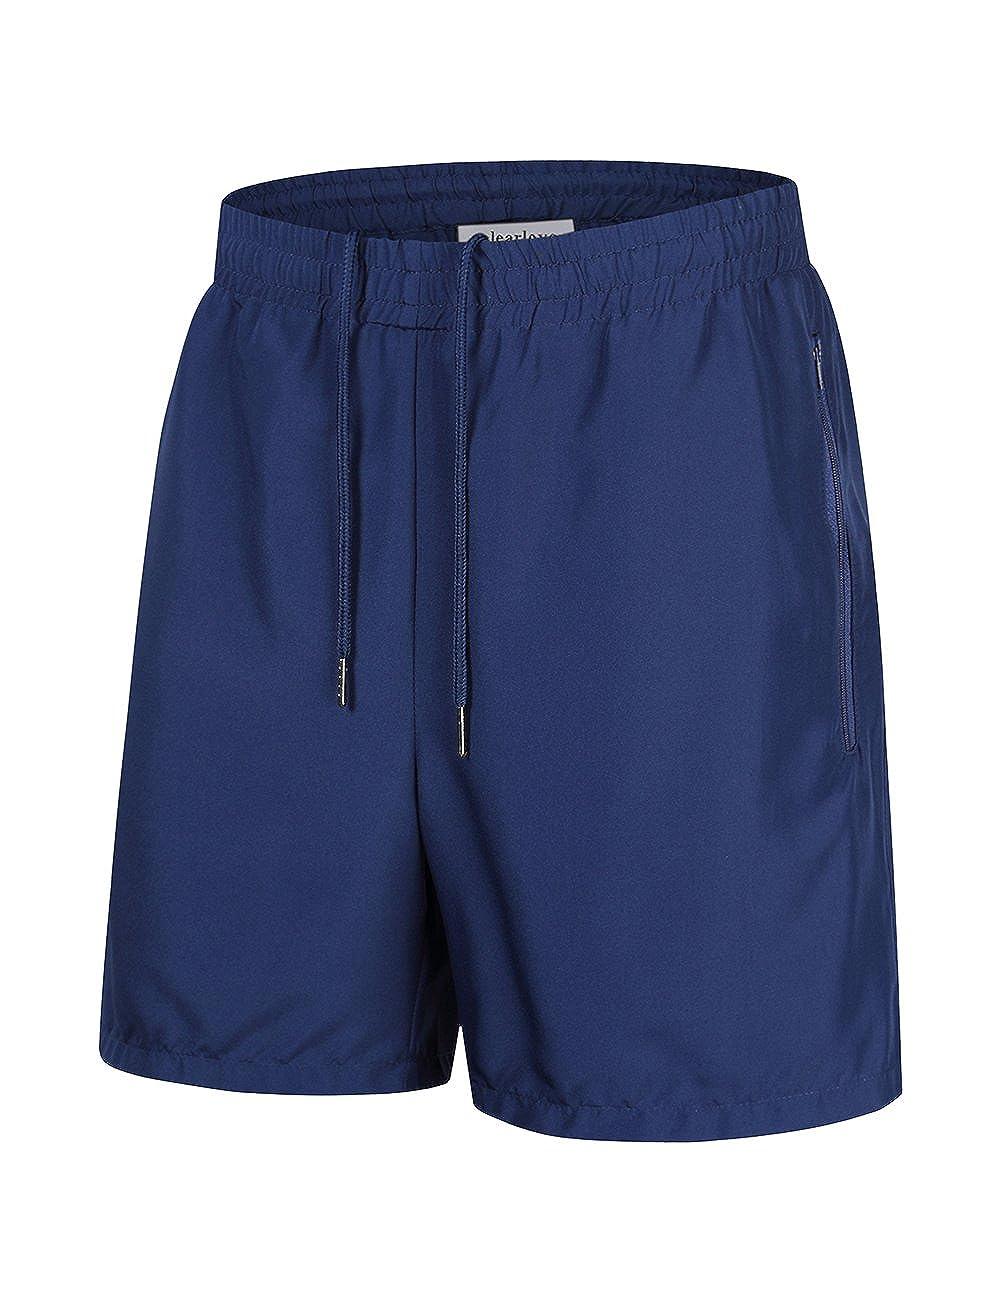 TALLA S. Clearlove Pantalón Corto Deportivo - para Hombre